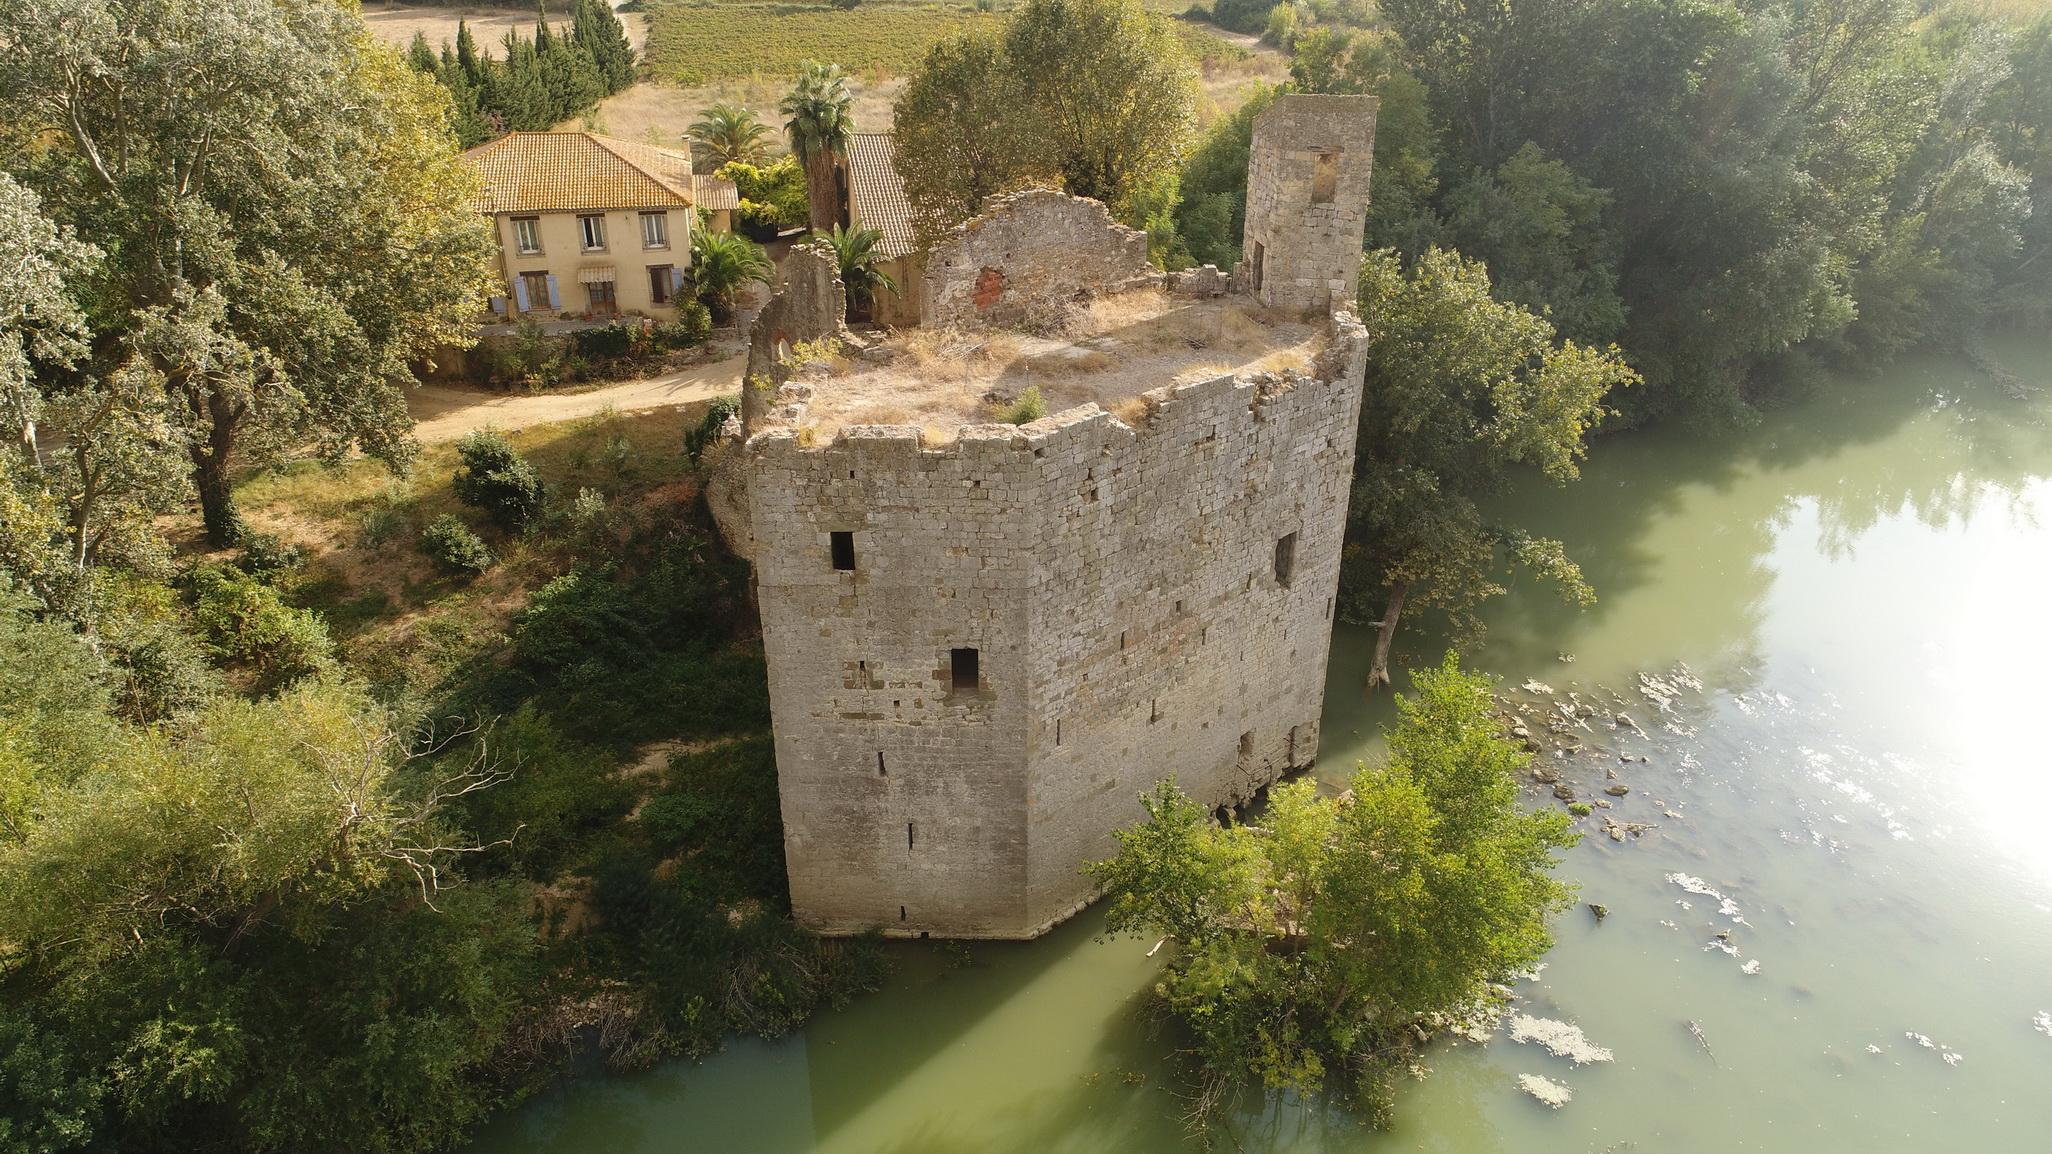 Moulin fortifié de l'archevêque – Canet d'Aude